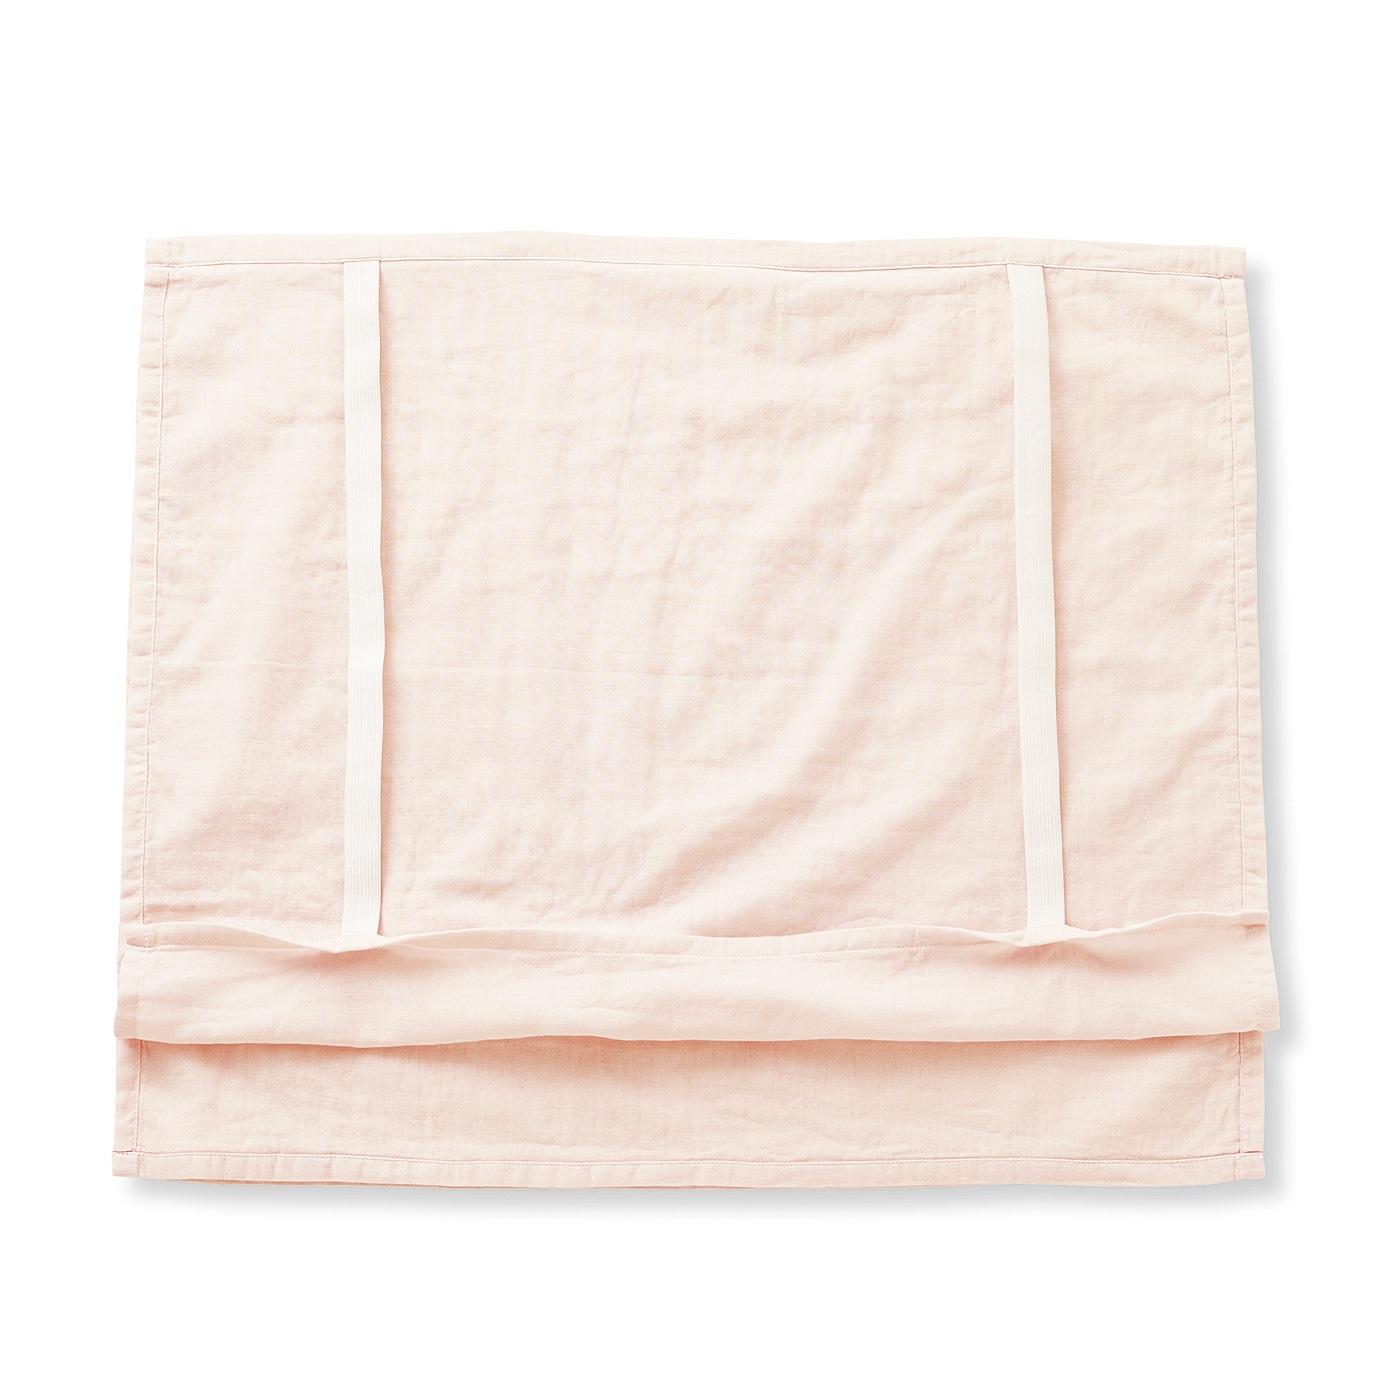 BACK 後ろはゴム仕様で取り替えやすく、枕のずれも防止。